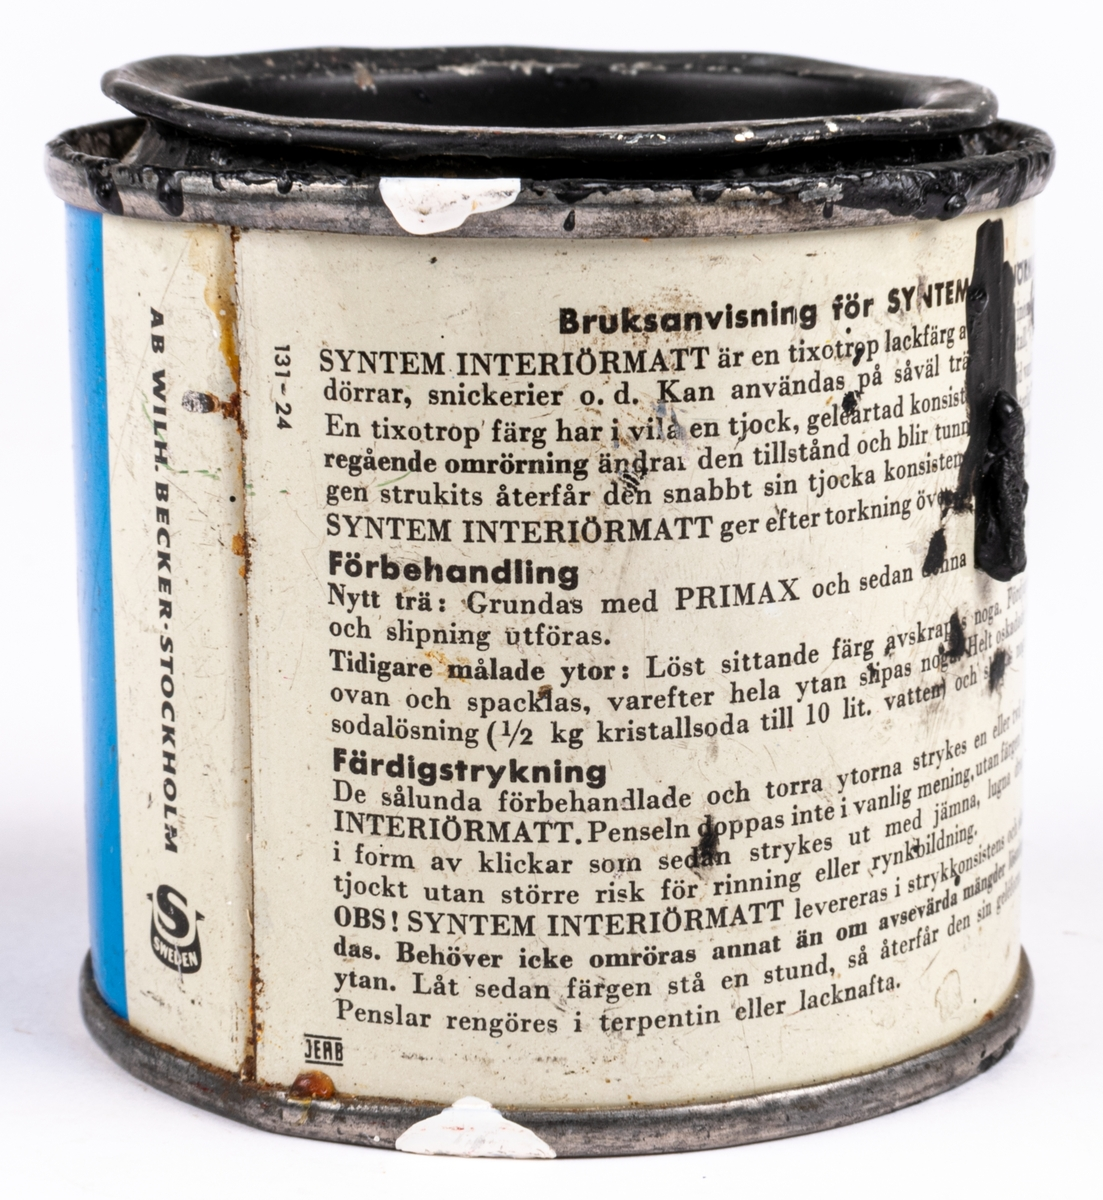 En plåtburk med målarfärg från Beckers. System interiörmatt, svart kulör.